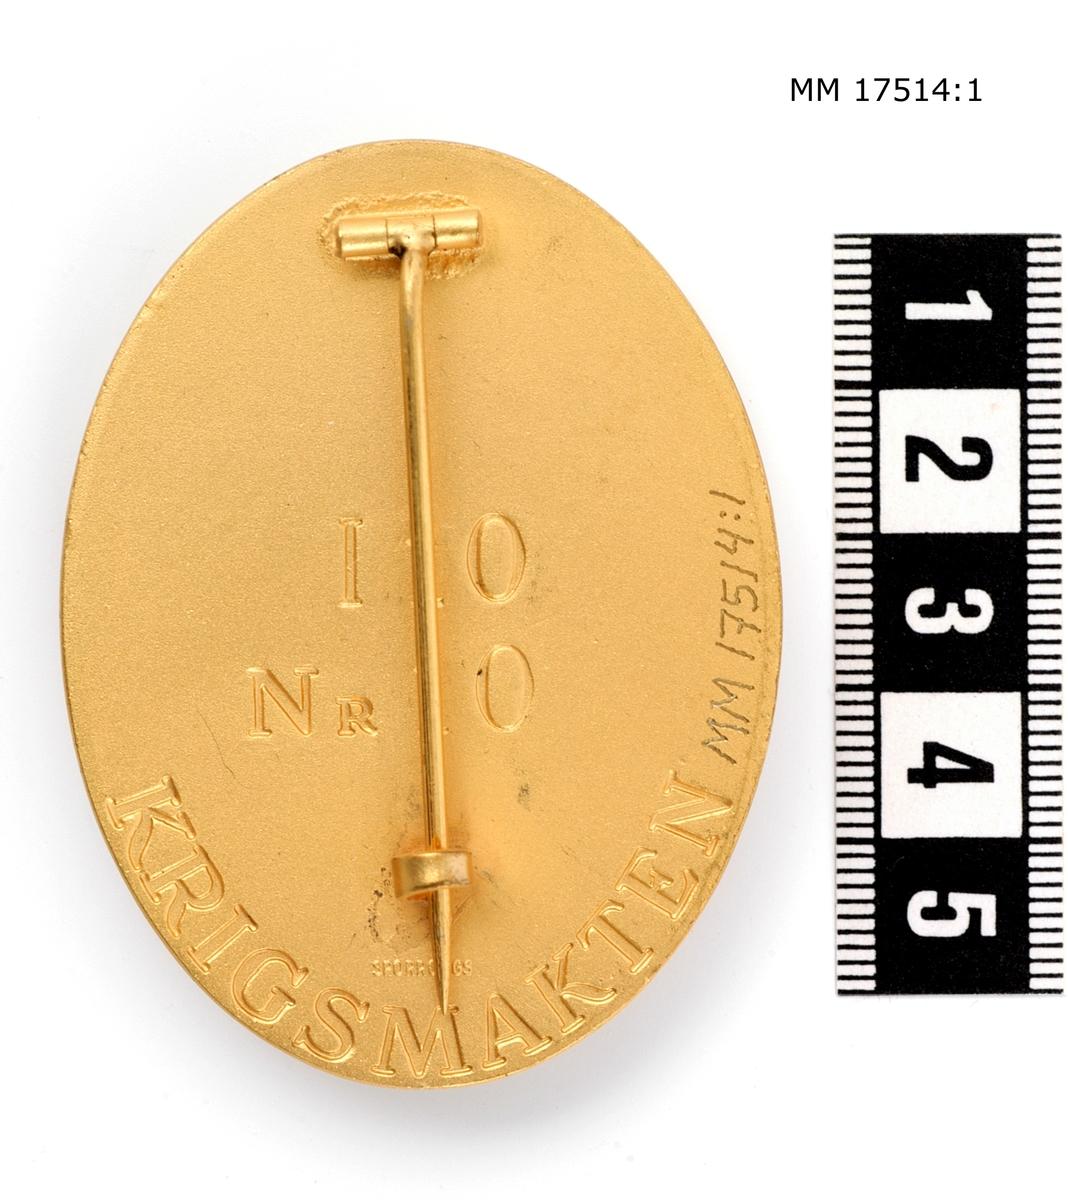 """Ovalt märke av förgylld metall. I mitten finns en krönt sköld med tre kronor, bakom skölden finns ett korslagdt svärd samt bila ombunden med spöknippe. Längst ned text: """"KRIGSPOLIS"""". Baksida text: """"10 Nr 10 KRIGSMAKTEN"""" (:2 """"Nr 11""""). Tillverkad av Sporrong. Försedd med vertikal nål."""